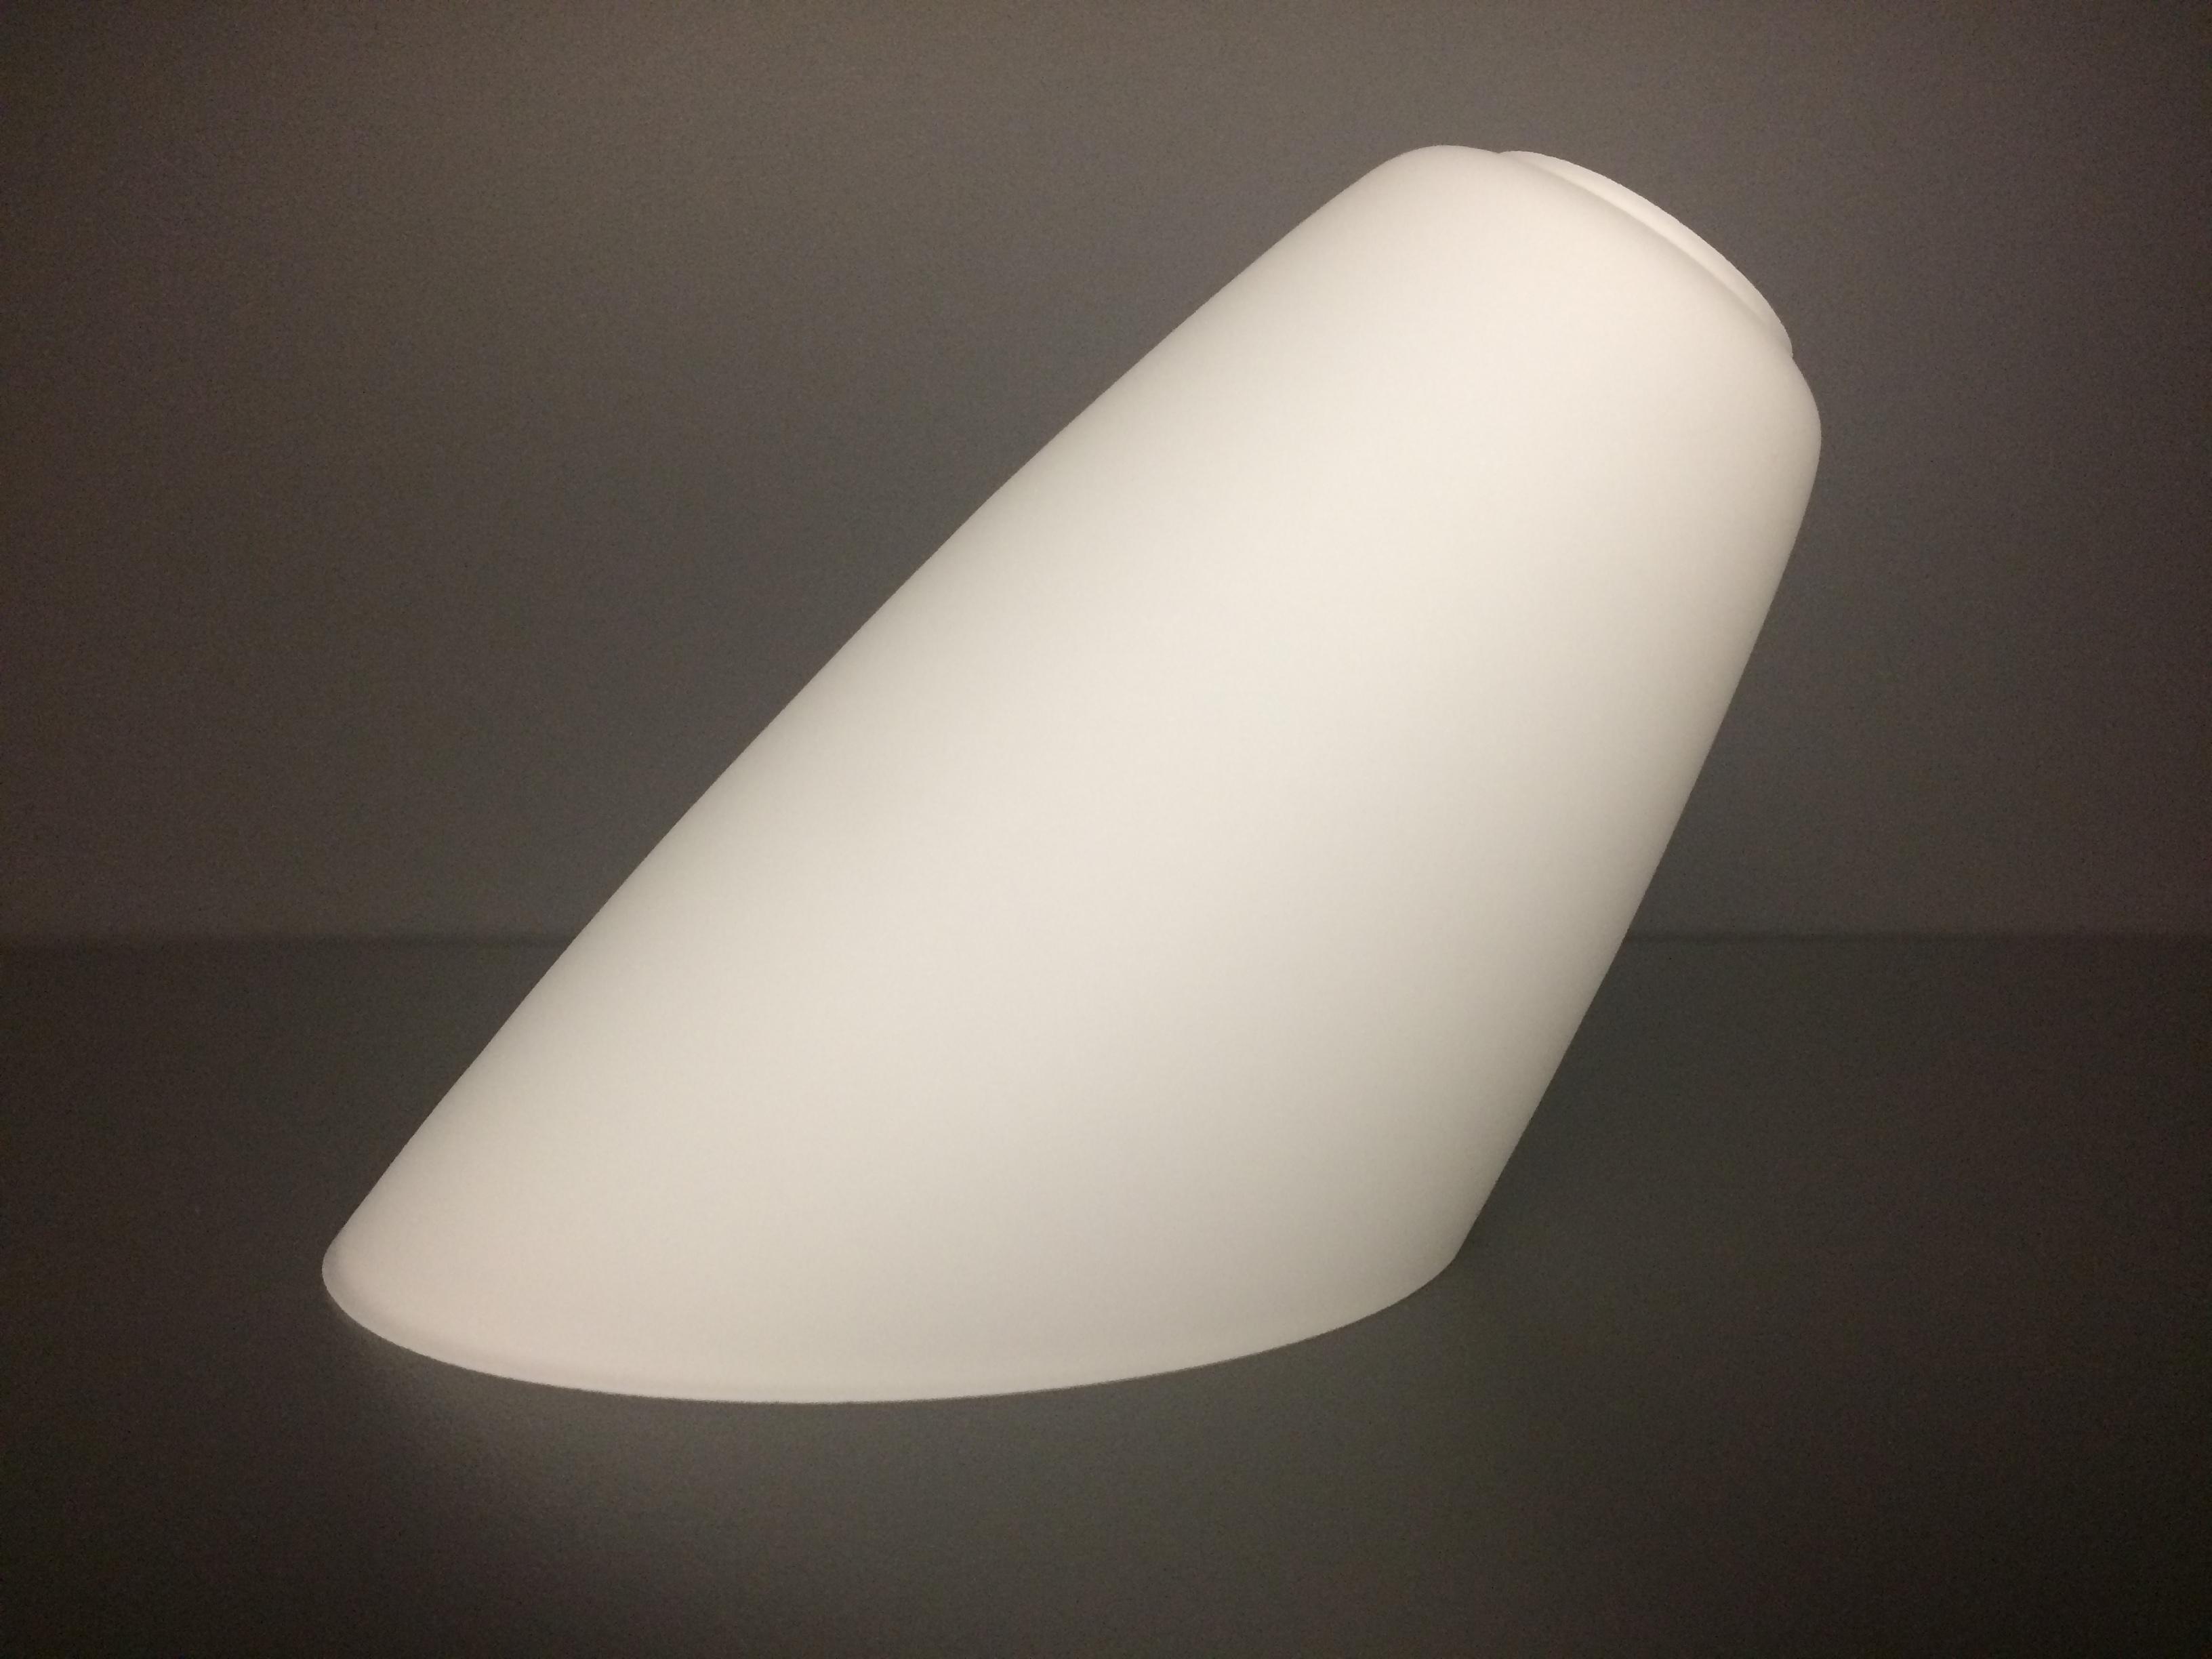 glas lampenschirm ersatzglas wei e14 lochma fassung 30mm abgeschr gt ebay. Black Bedroom Furniture Sets. Home Design Ideas